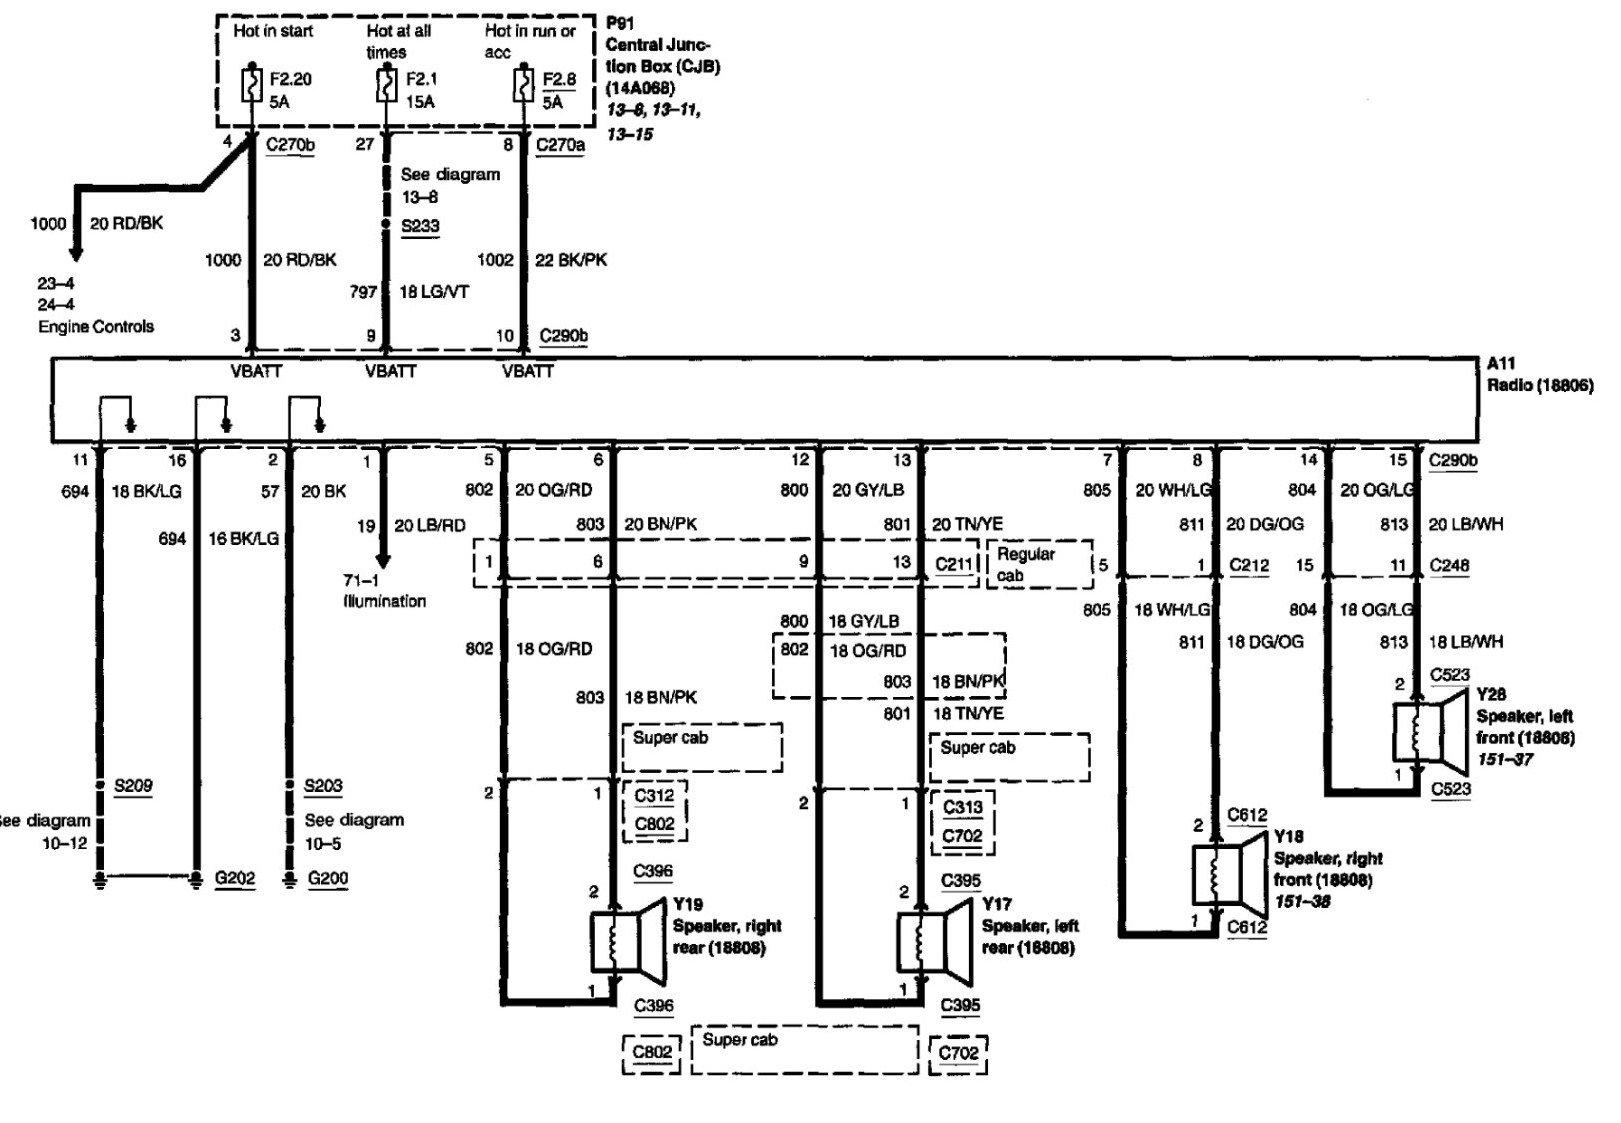 2000 f150 radio wiring diagram wiring diagram 2013 ford f150 wiring diagram online wiring diagramdiagram for 2002 ford f 150 wiring harness as